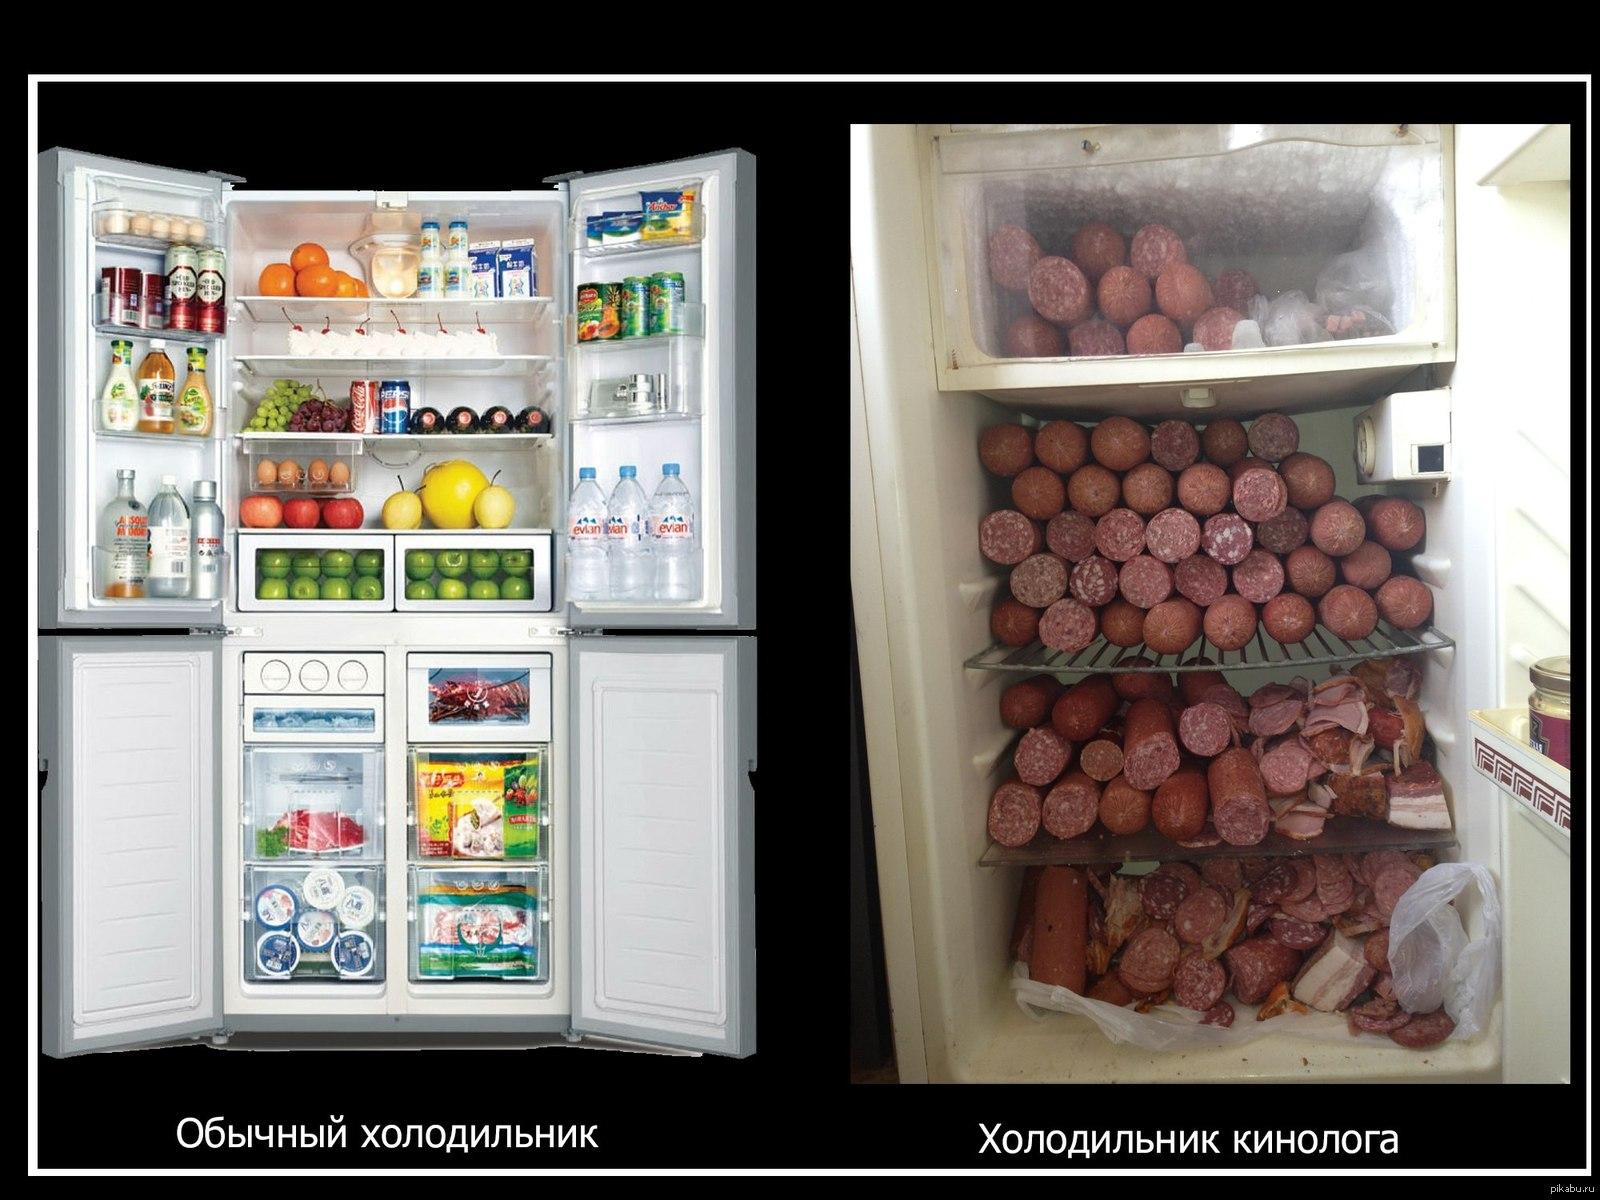 Летием внучке, холодильник приколы картинки